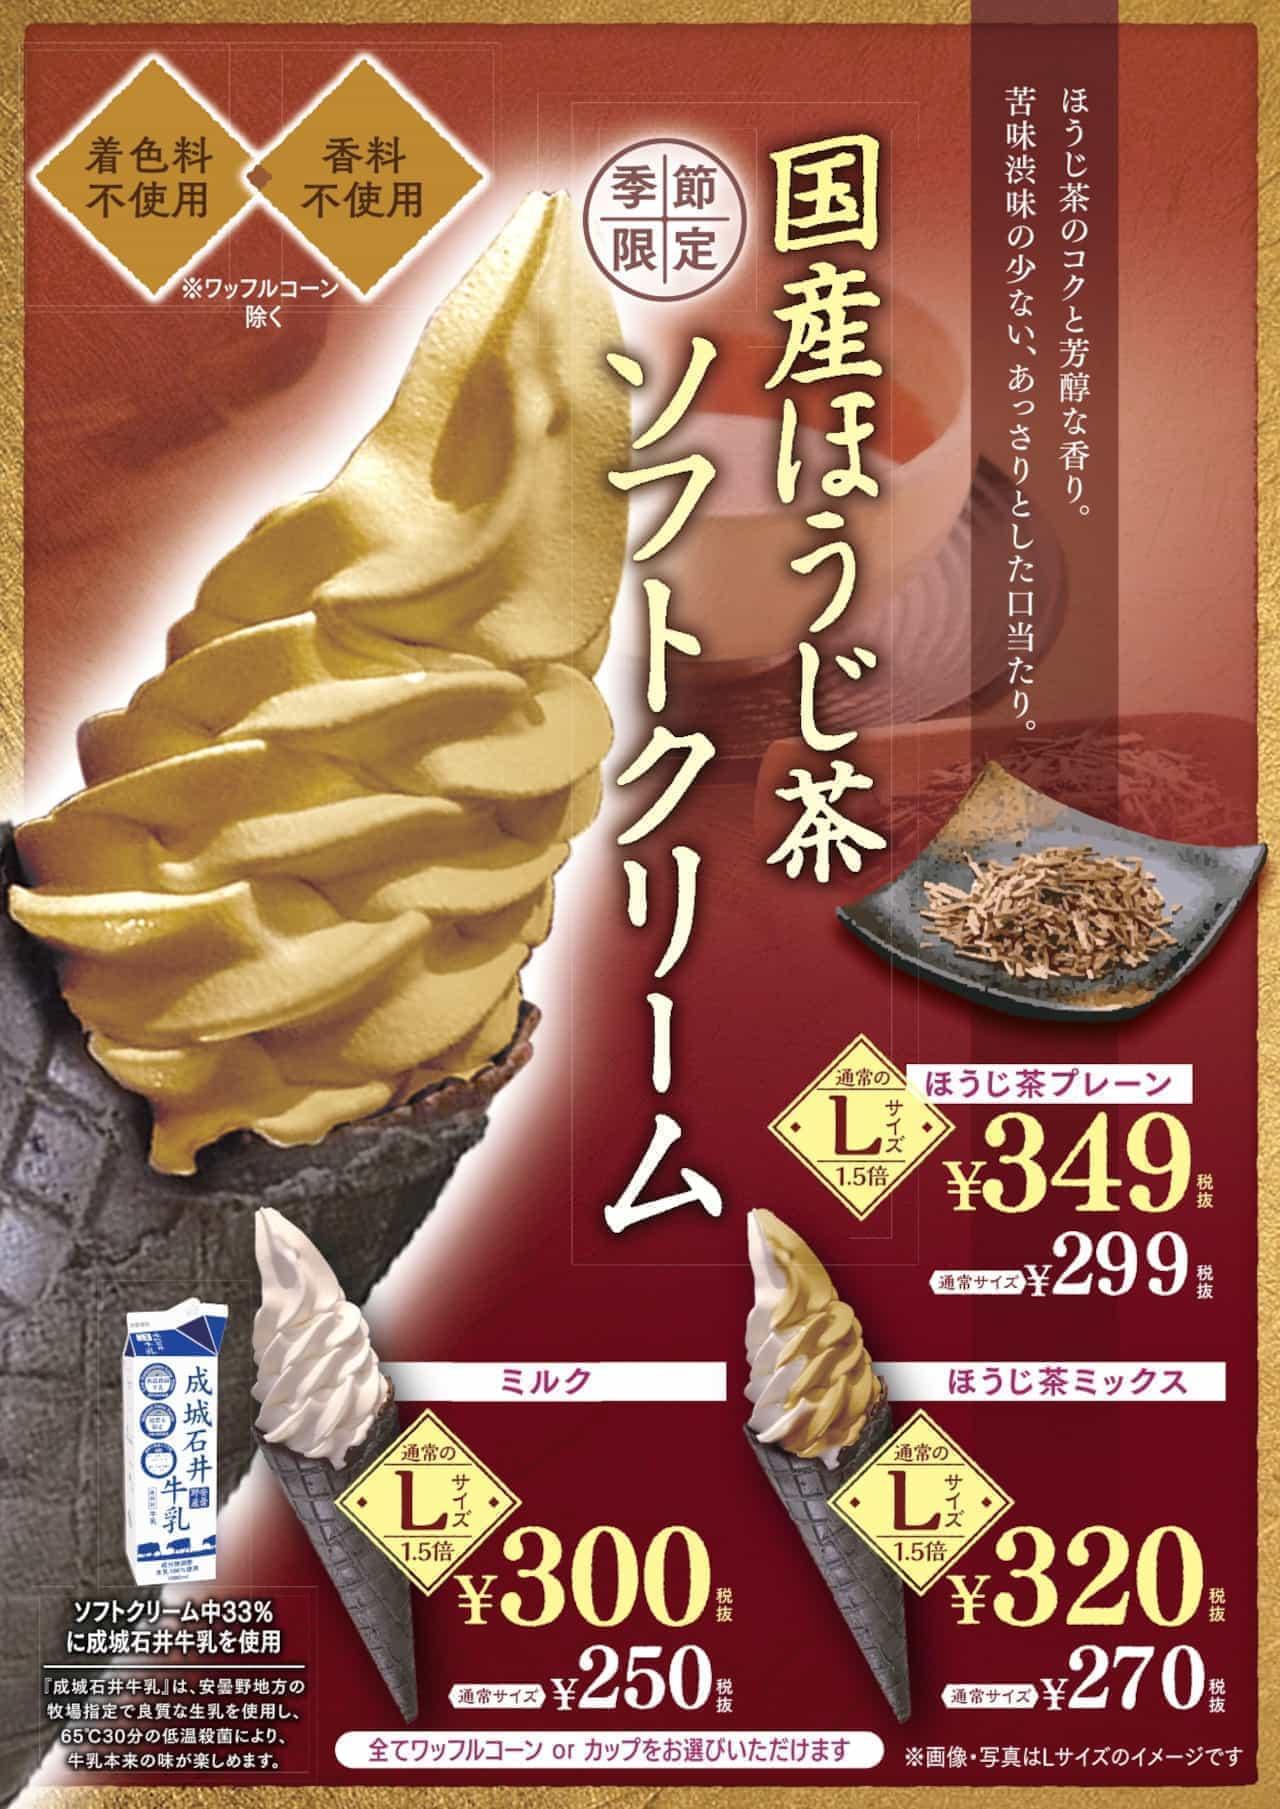 成城石井「国産ほうじ茶ソフトクリーム」